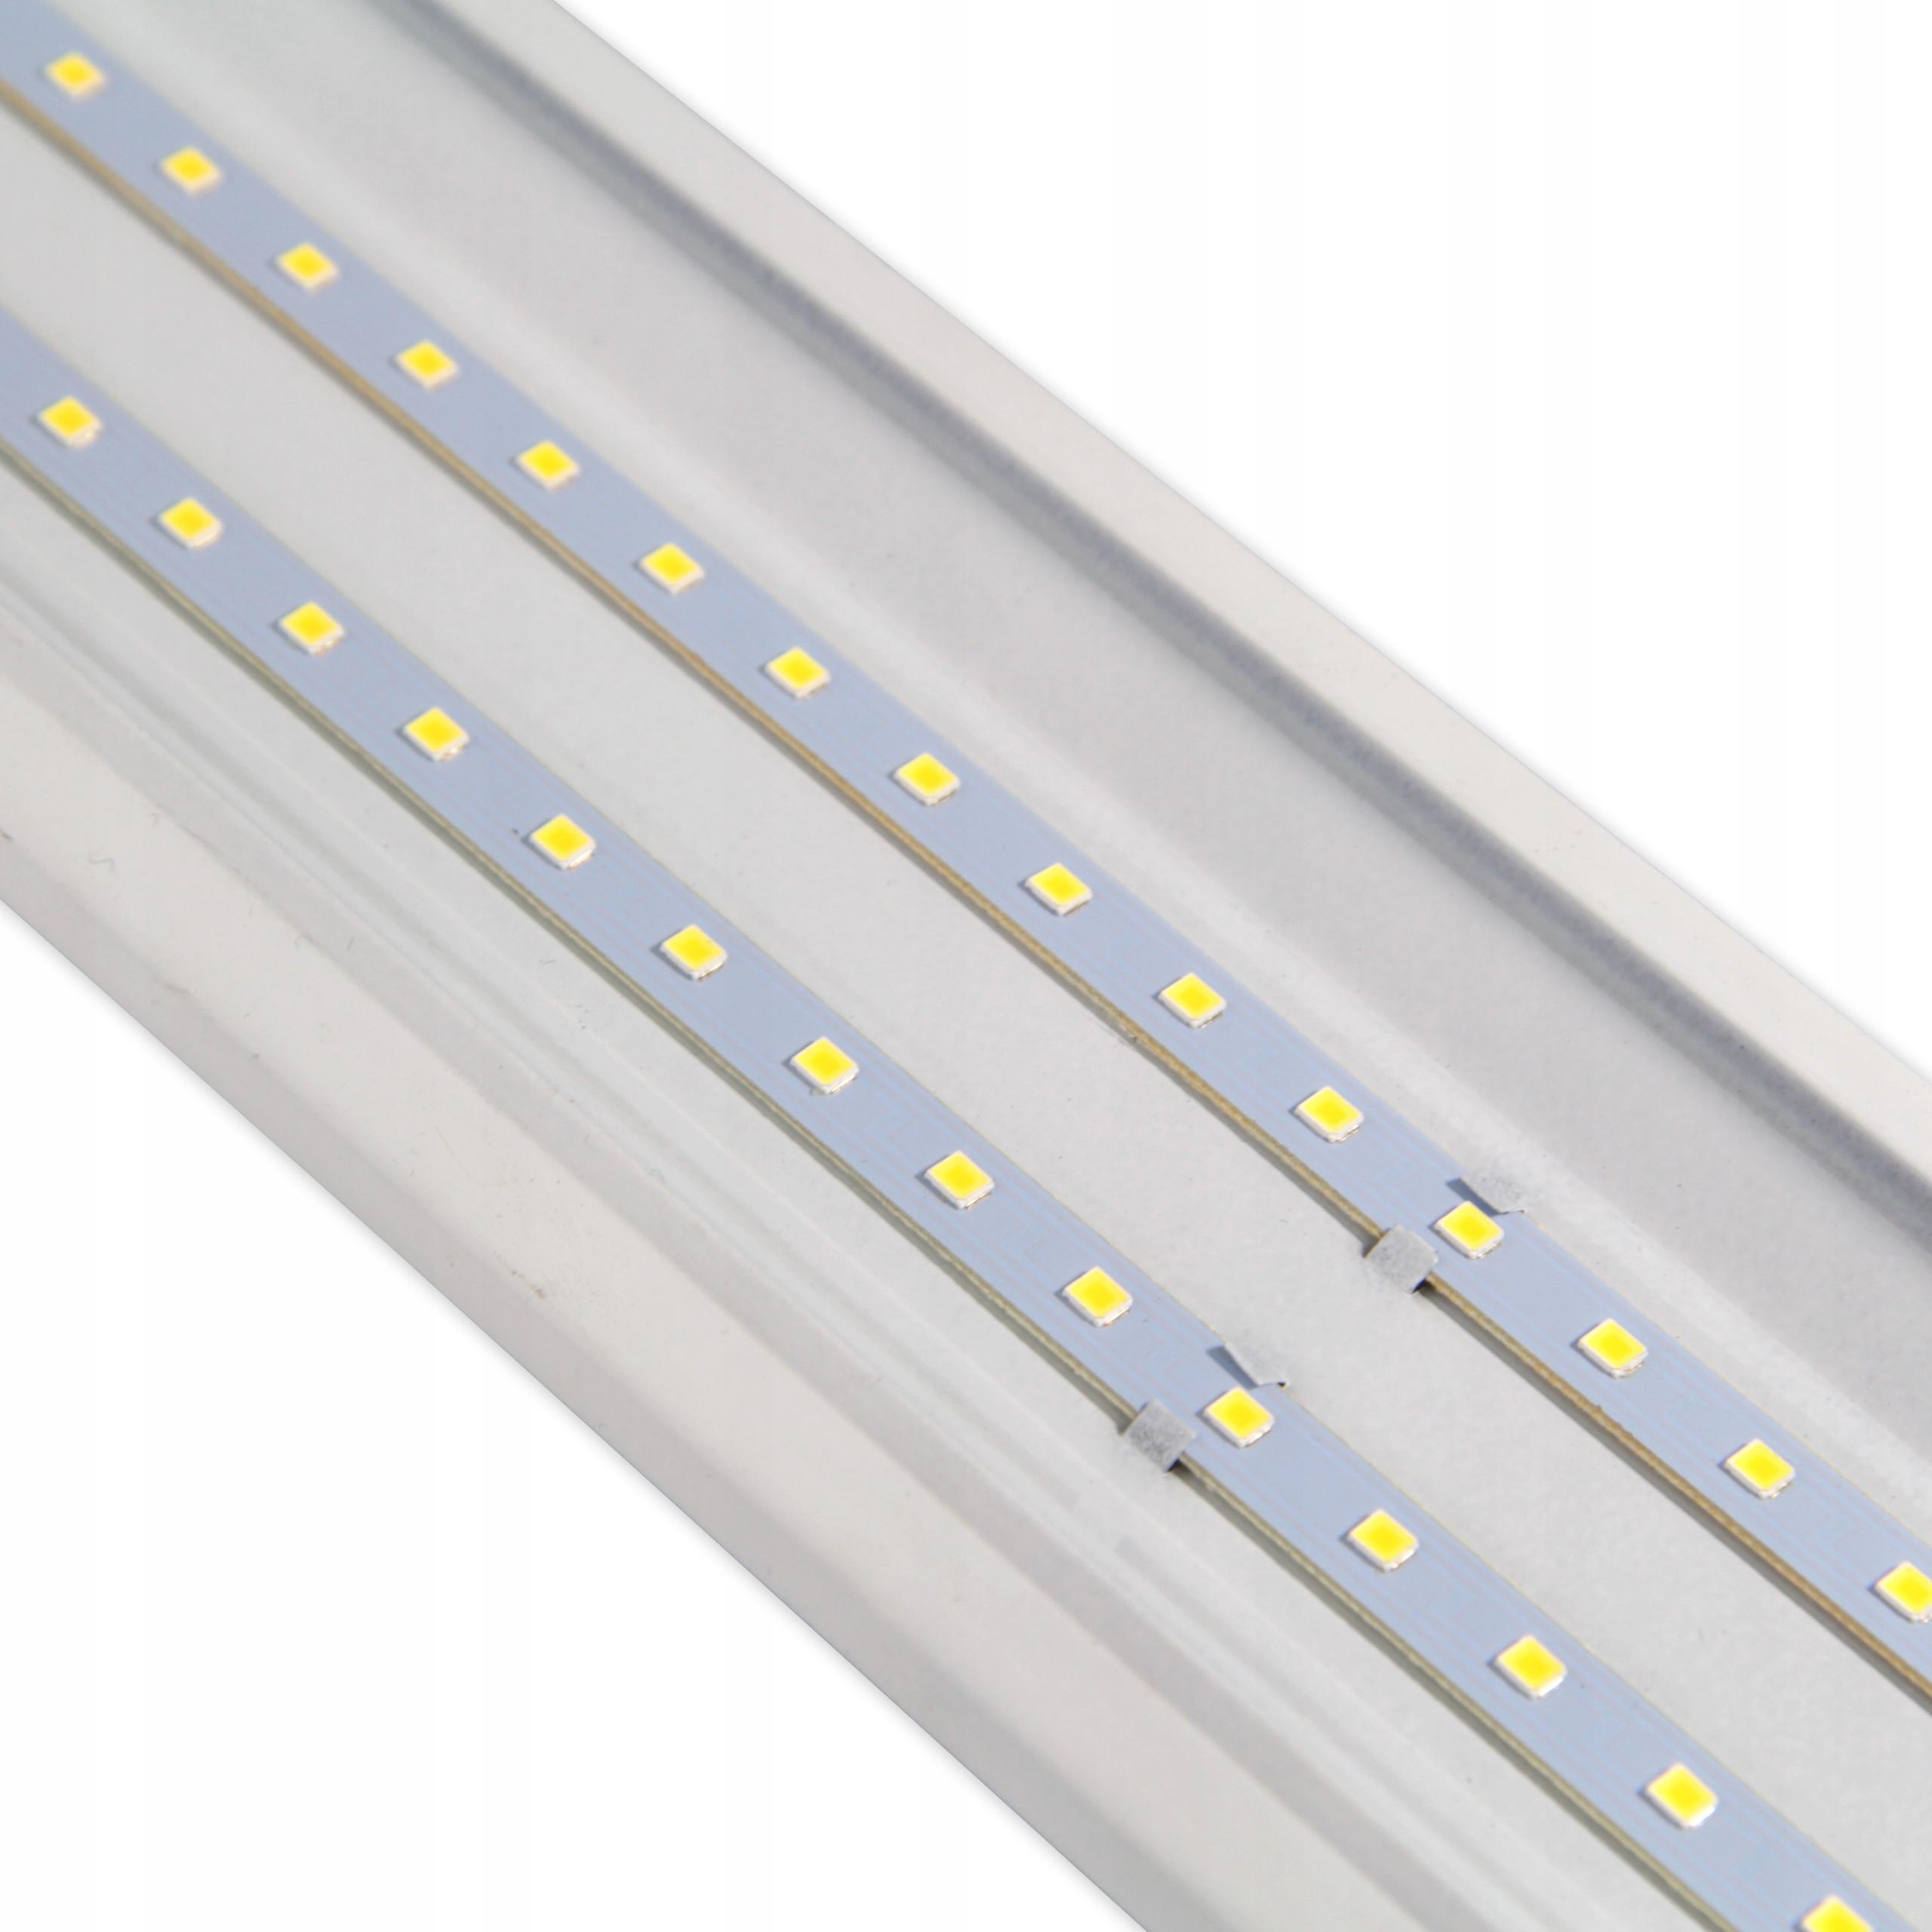 Lampa LED 60cm NATYNKOWA PANEL oprawa ŚWIETLÓWKA Liczba punktów światła 1